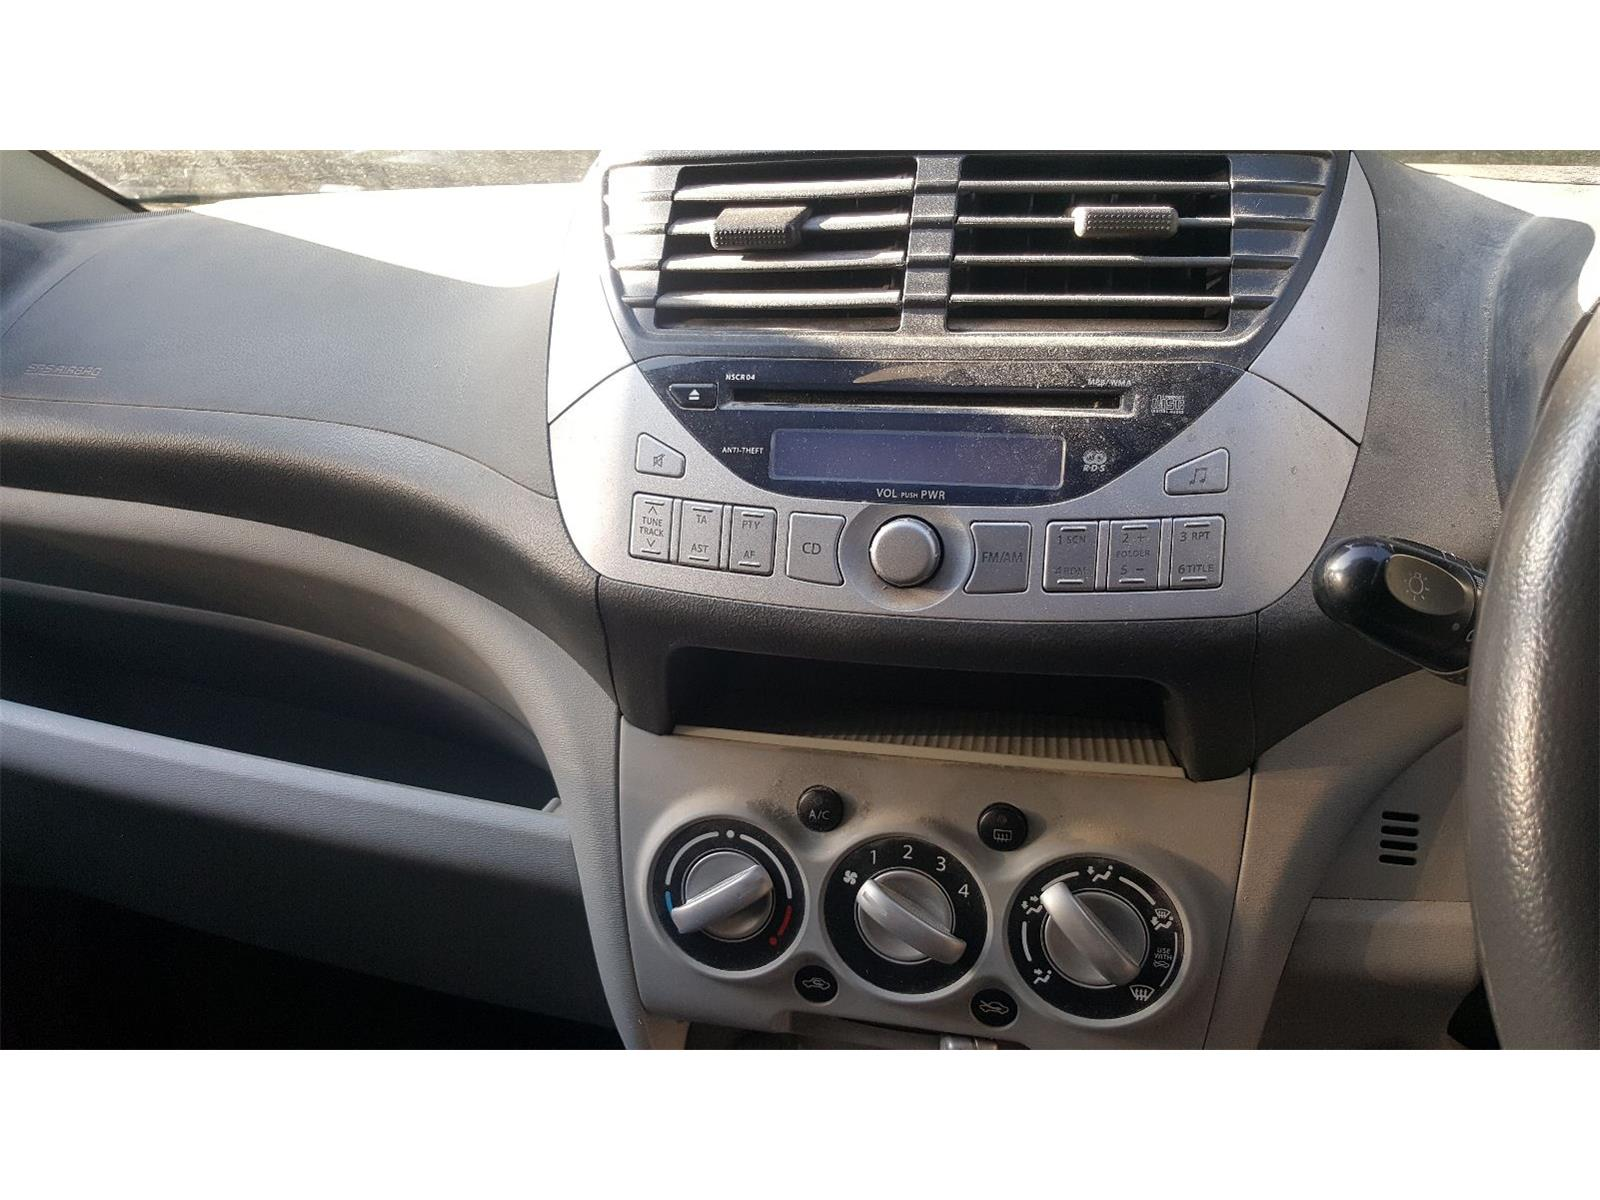 hight resolution of suzuki alto 2009 on sz4 5 door hatchback scrap salvage car for sale